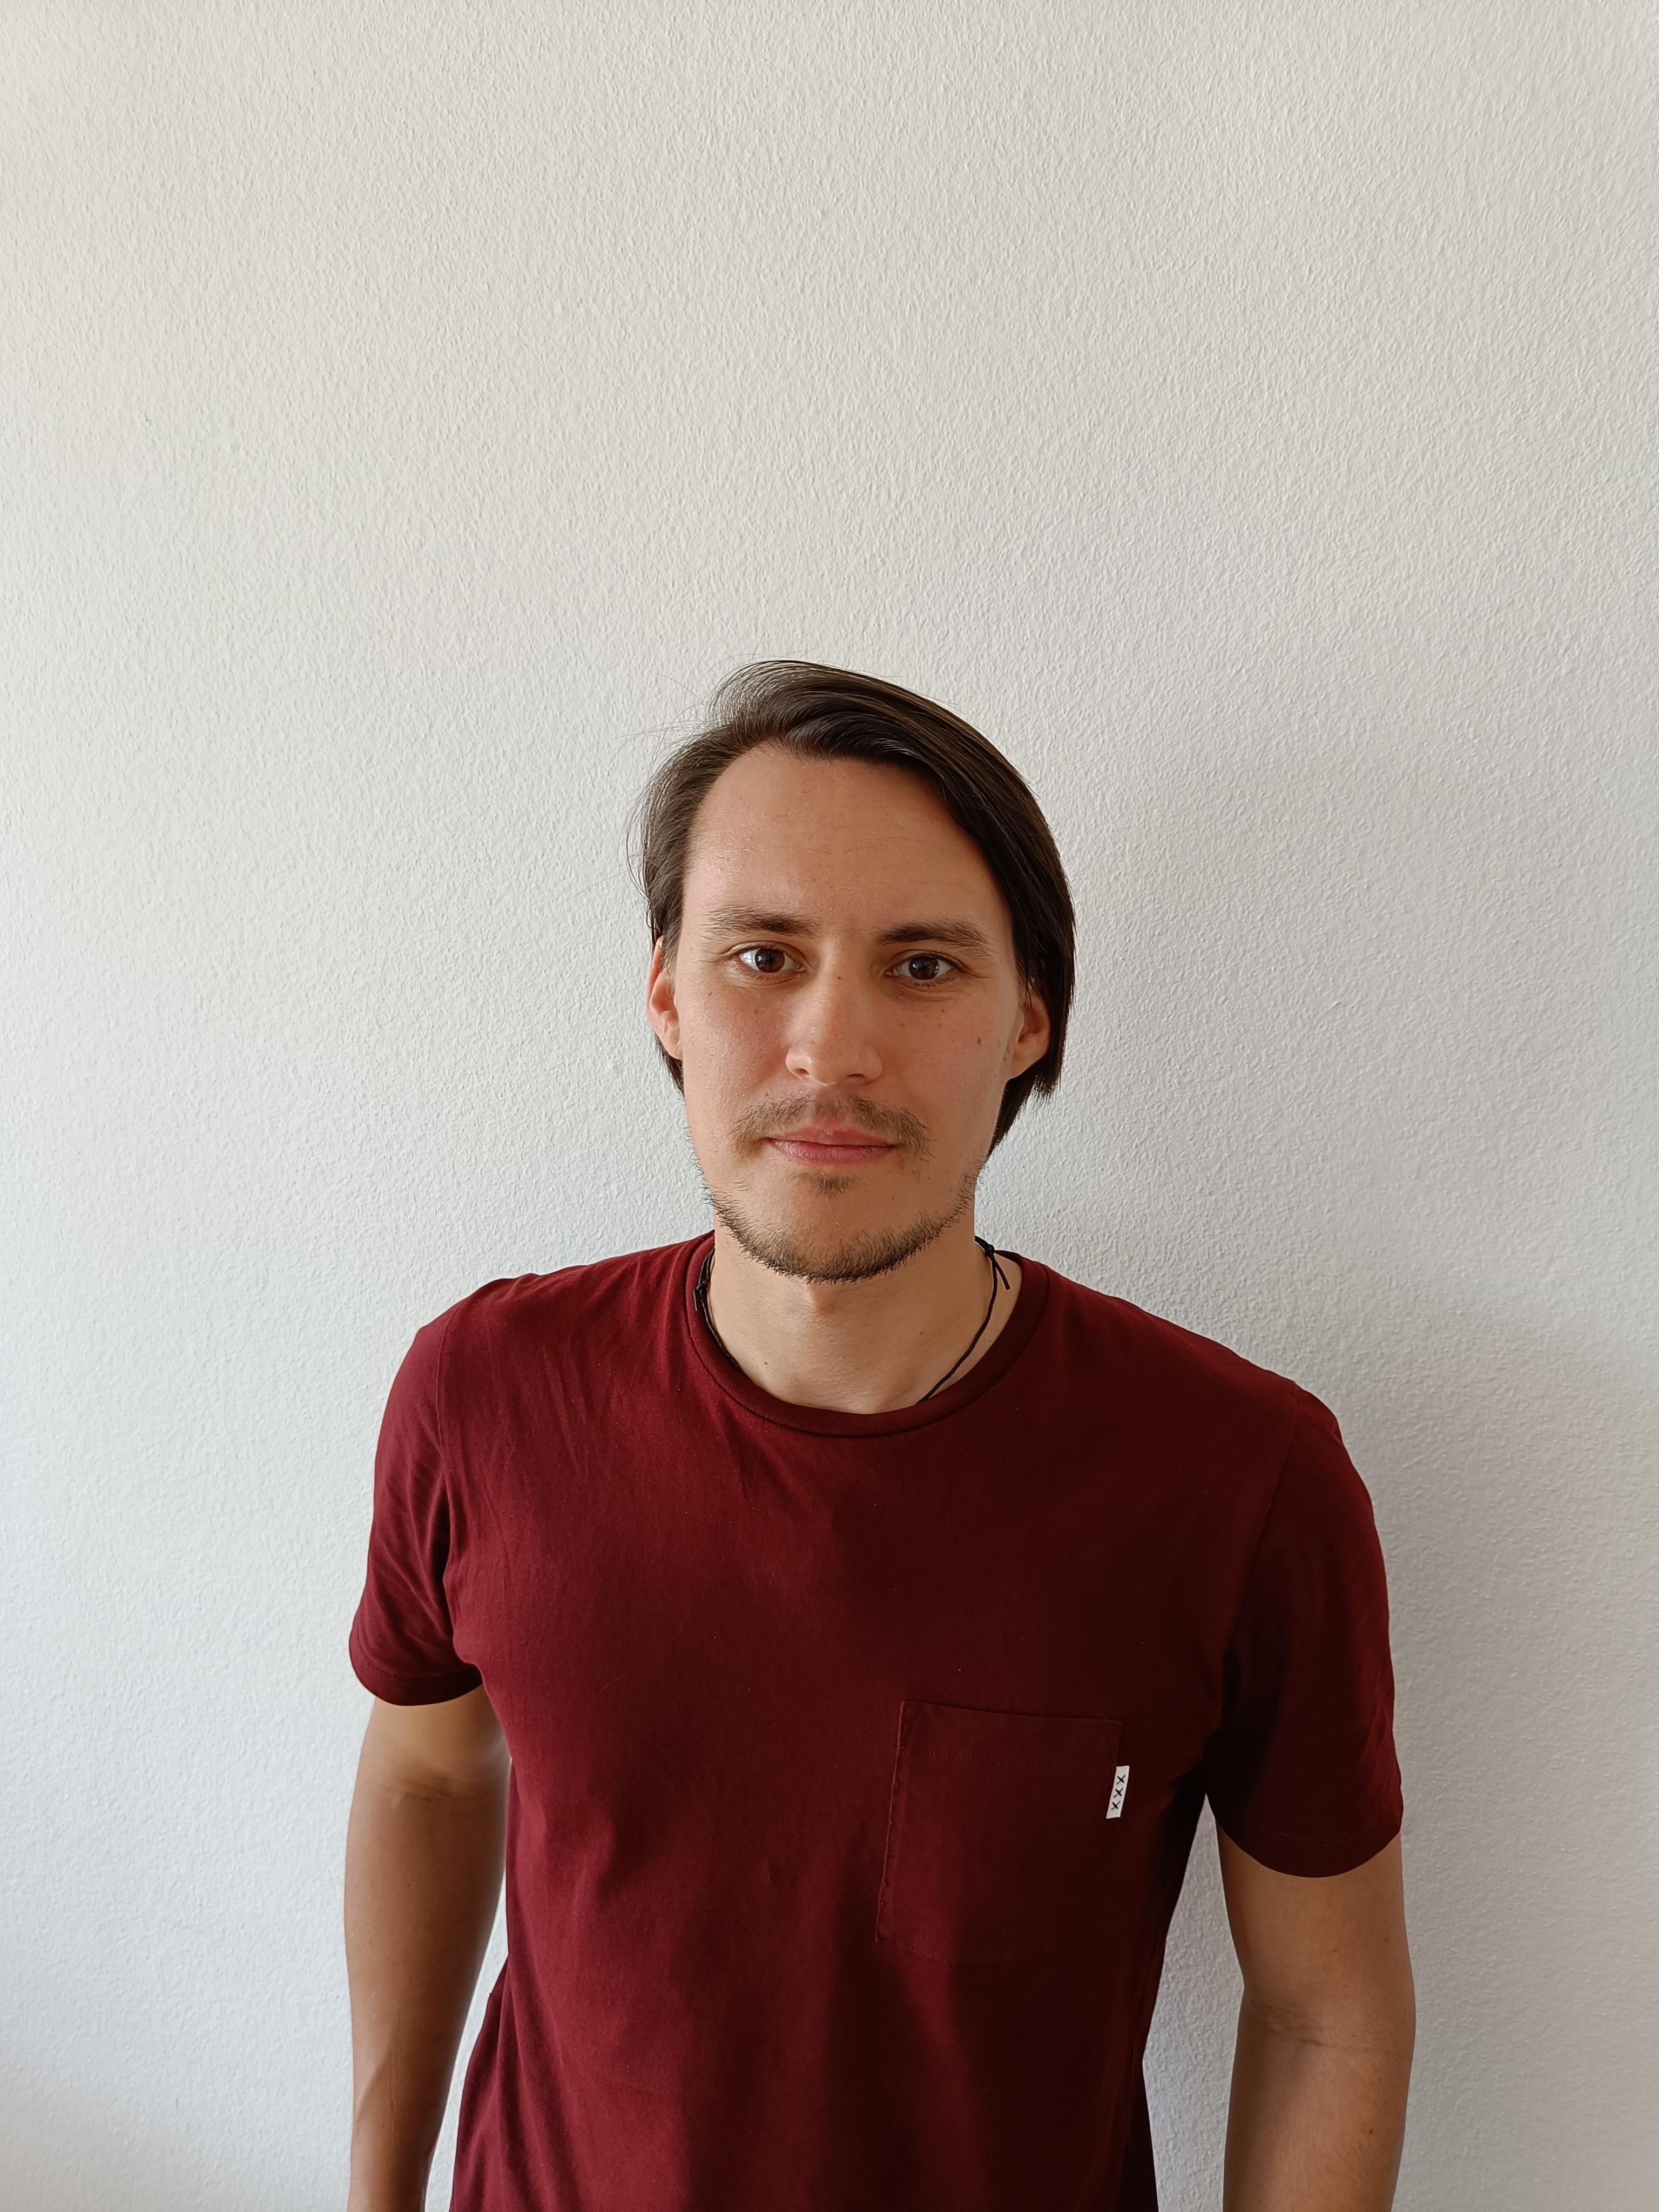 Nils Bundgaard